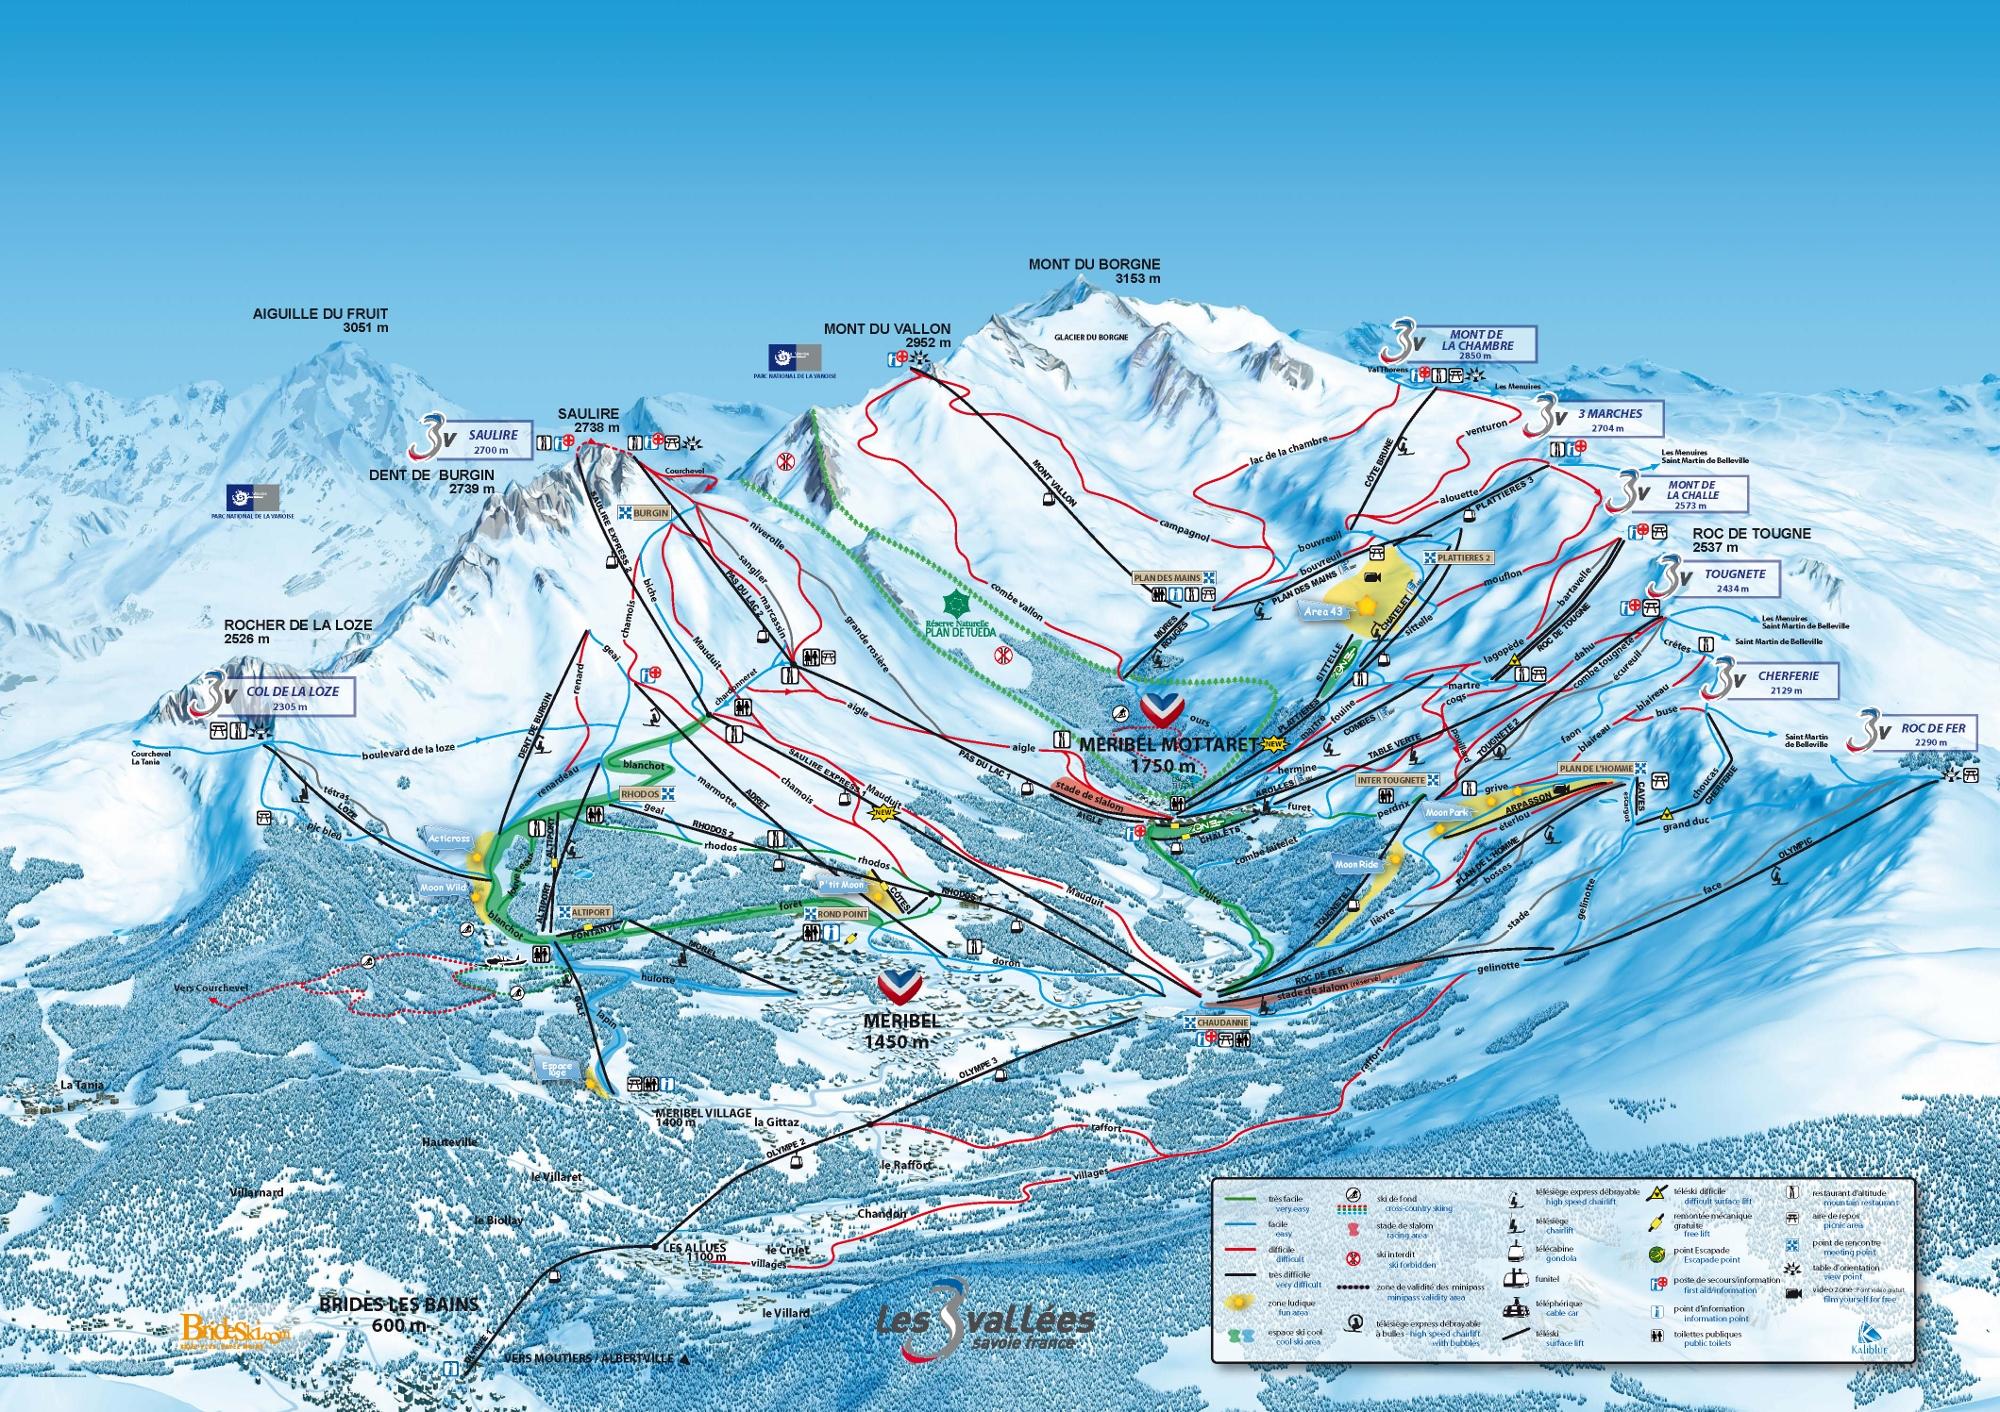 Brides Les Bains Piste / Trail Map